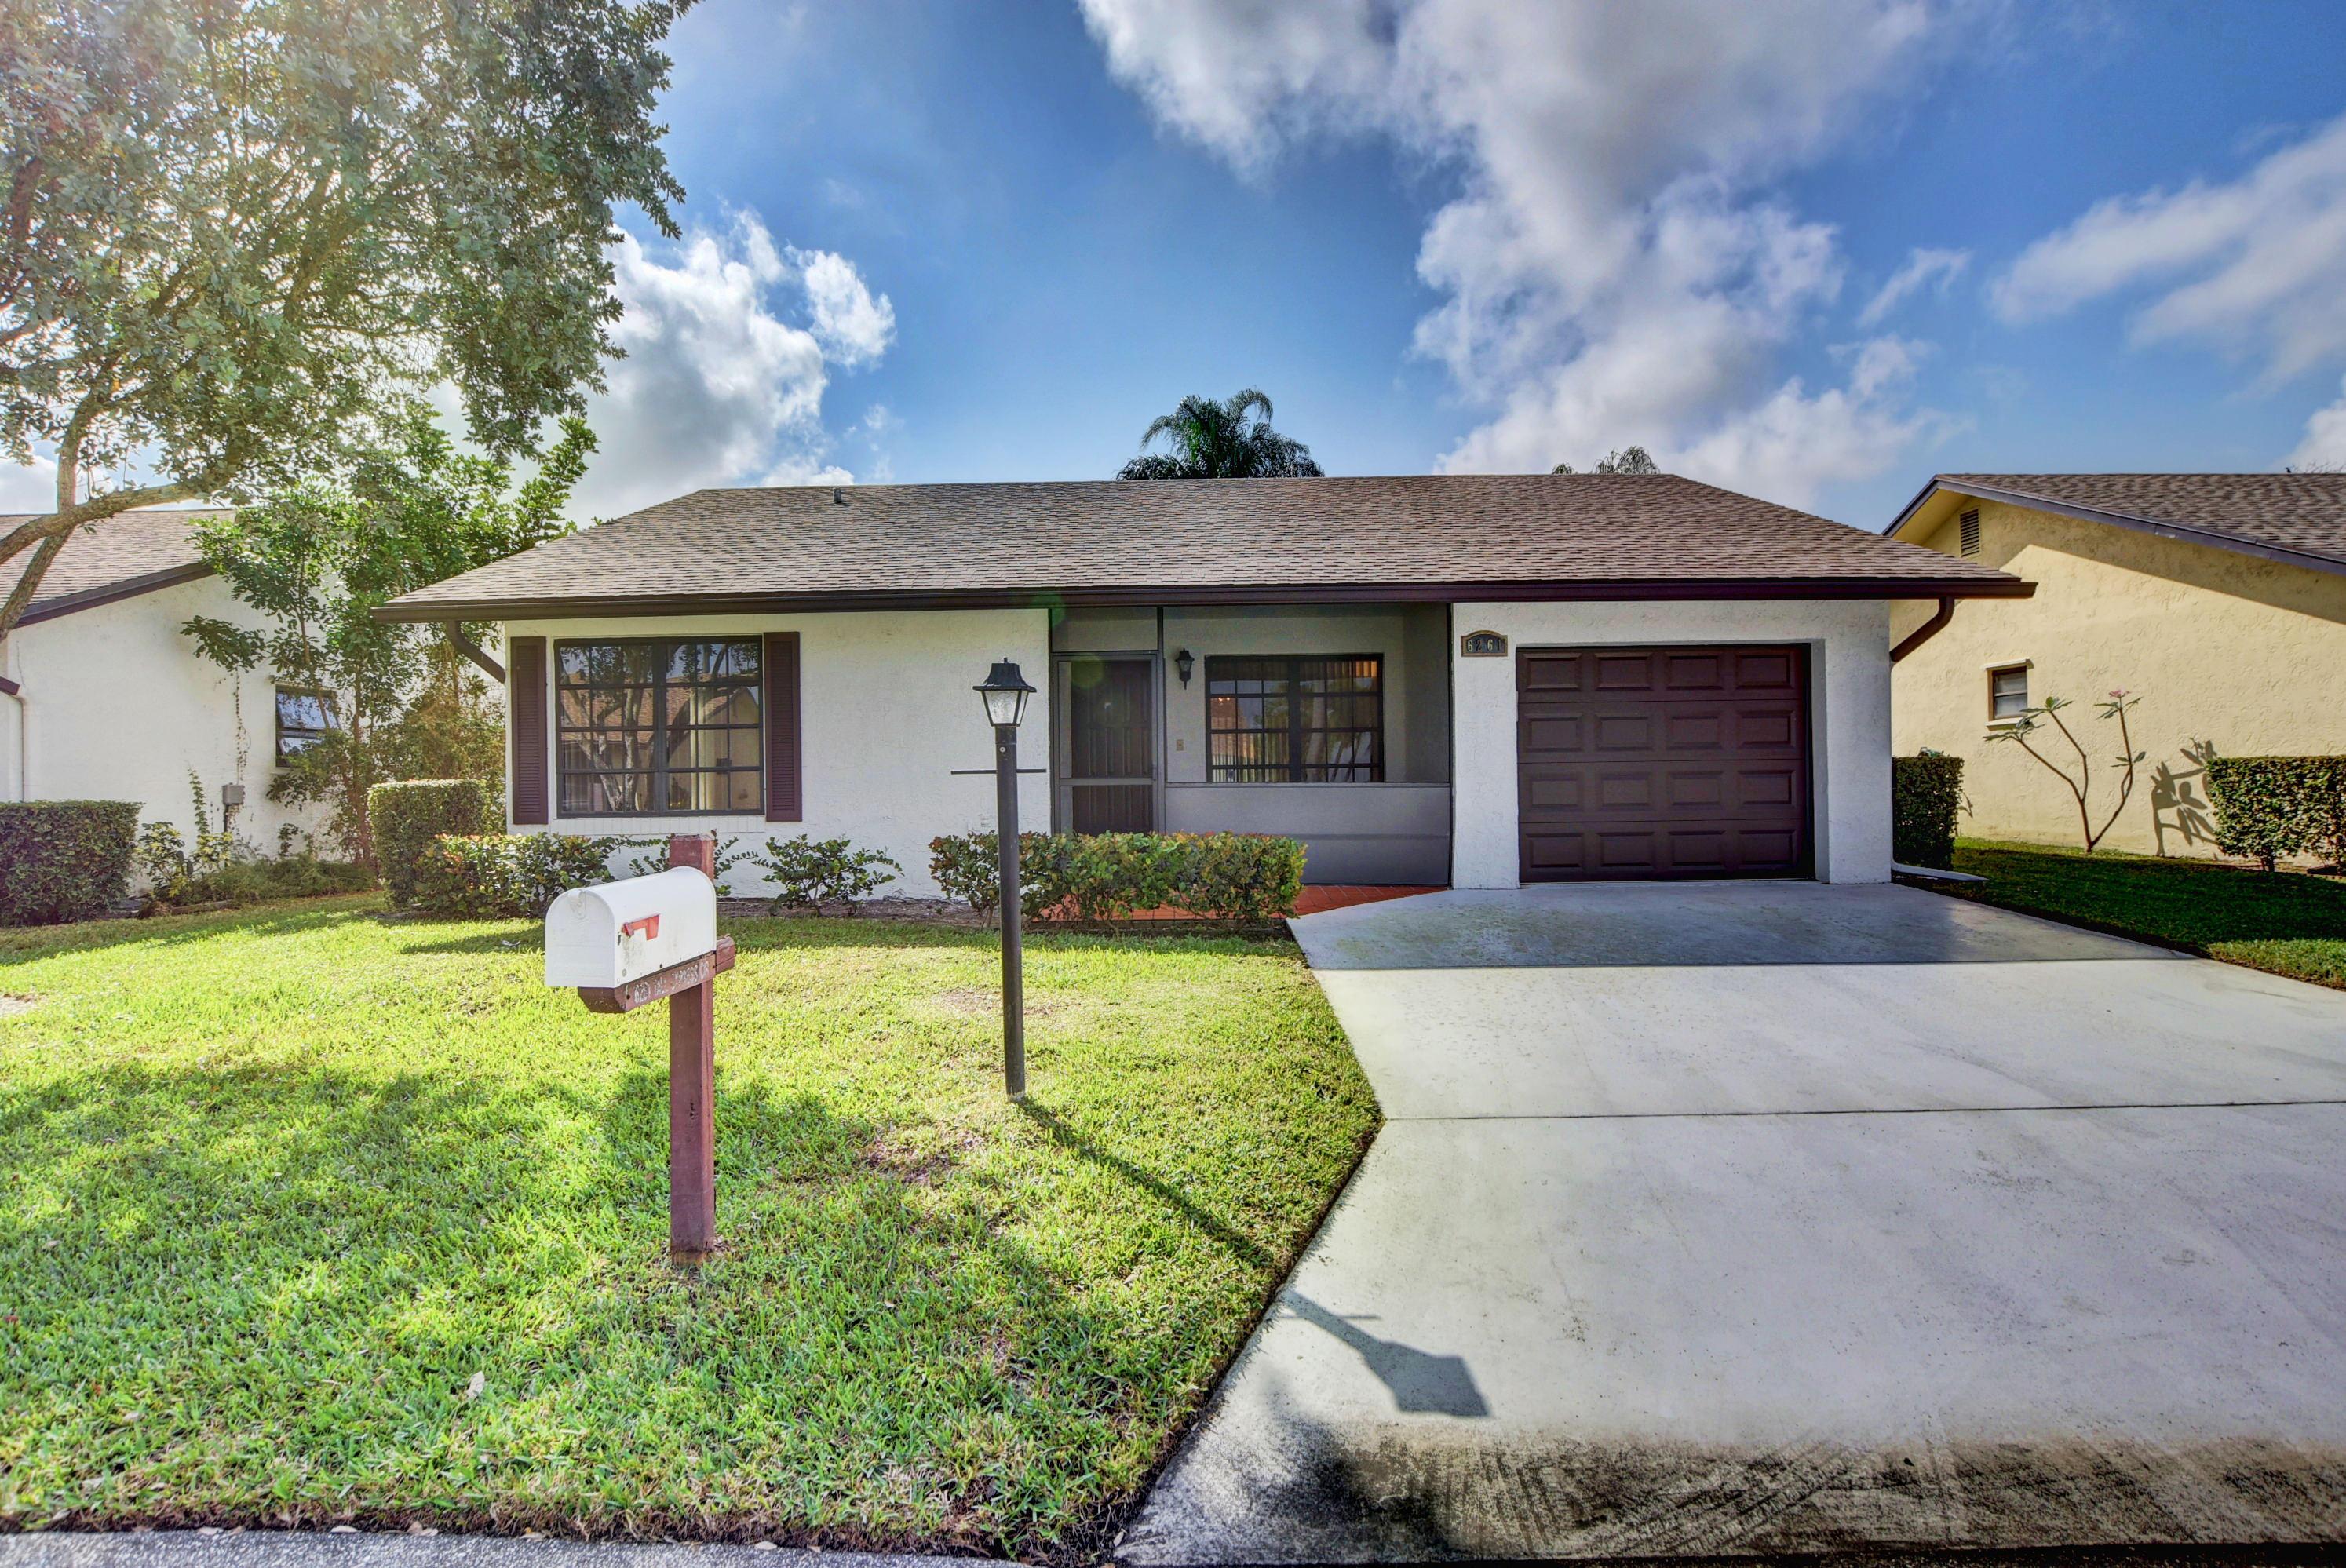 6261 Tall Cypress, Greenacres, Florida 33463